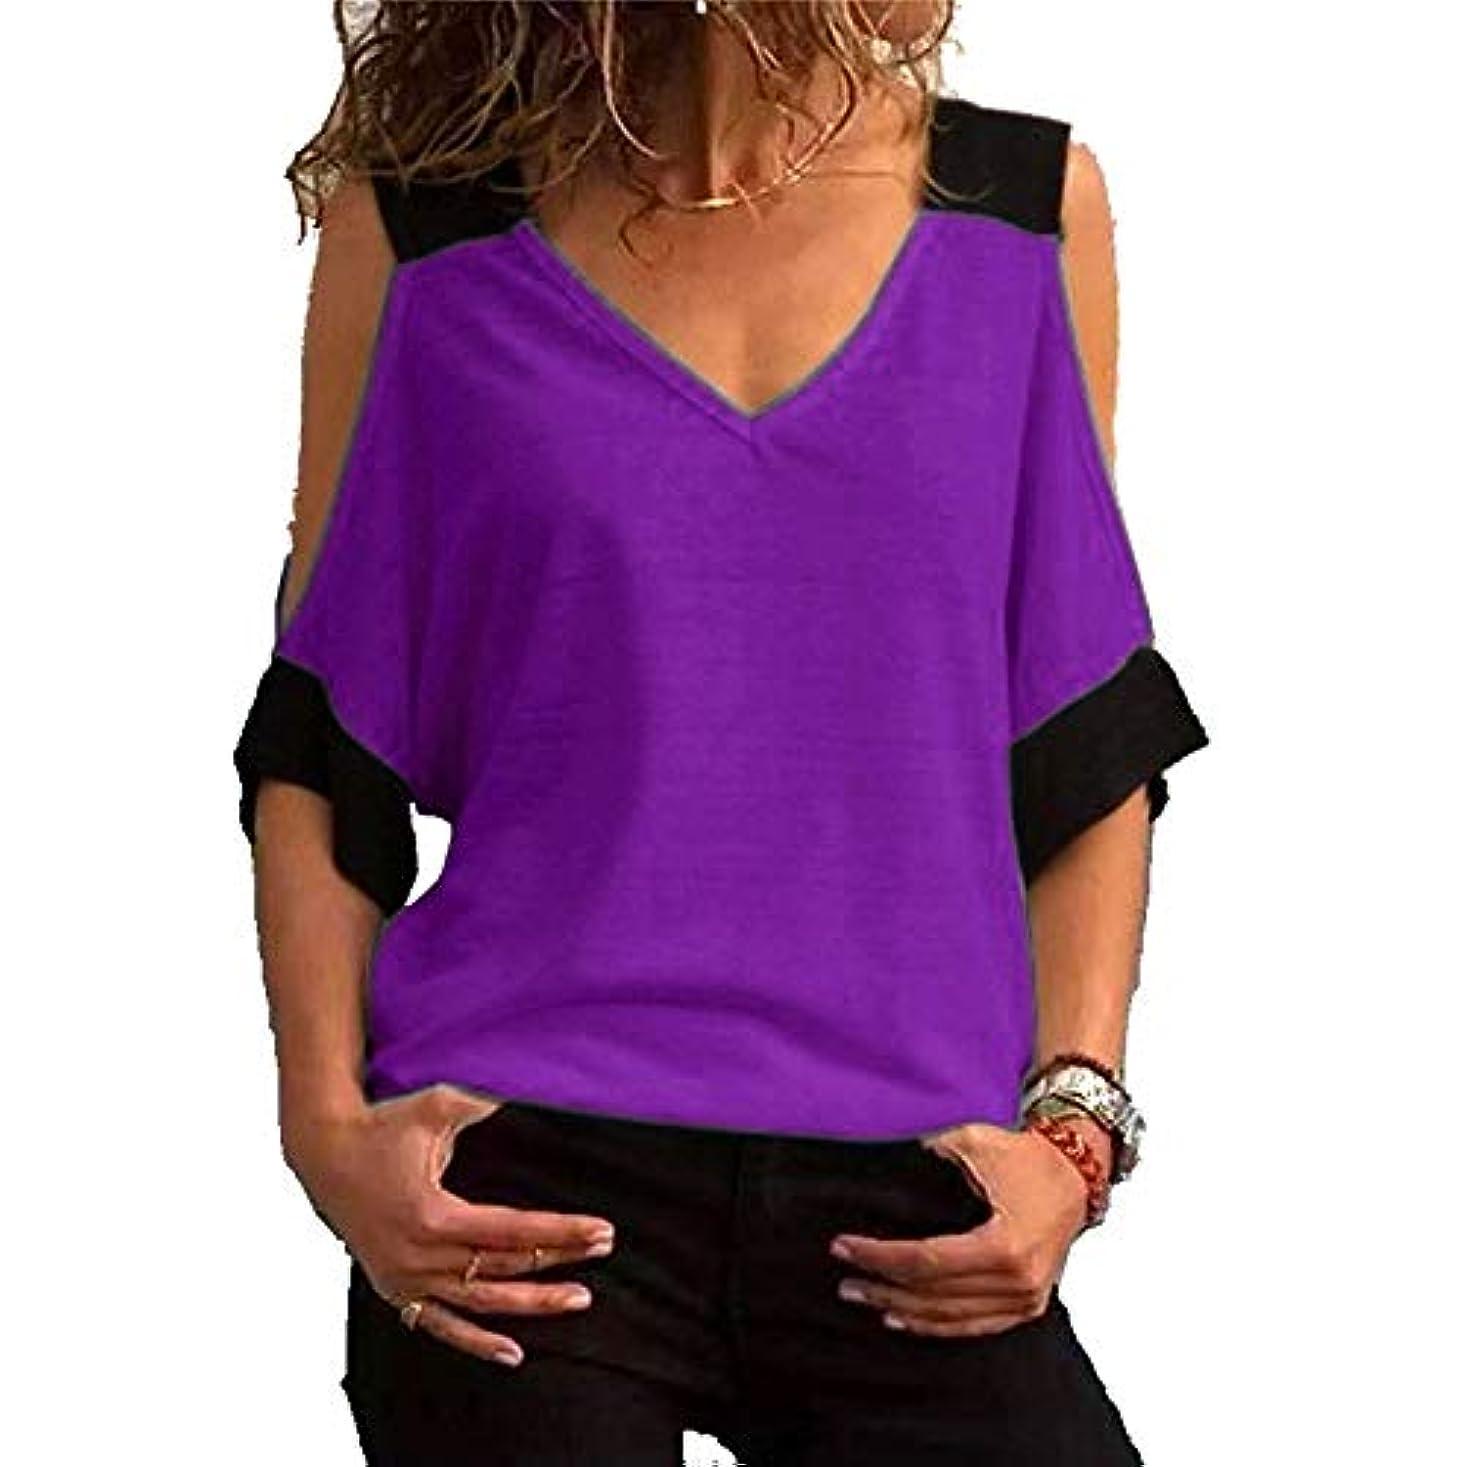 持つなんでも家庭MIFAN女性ファッションカジュアルトップス女性ショルダーブラウスコットンTシャツディープVネック半袖